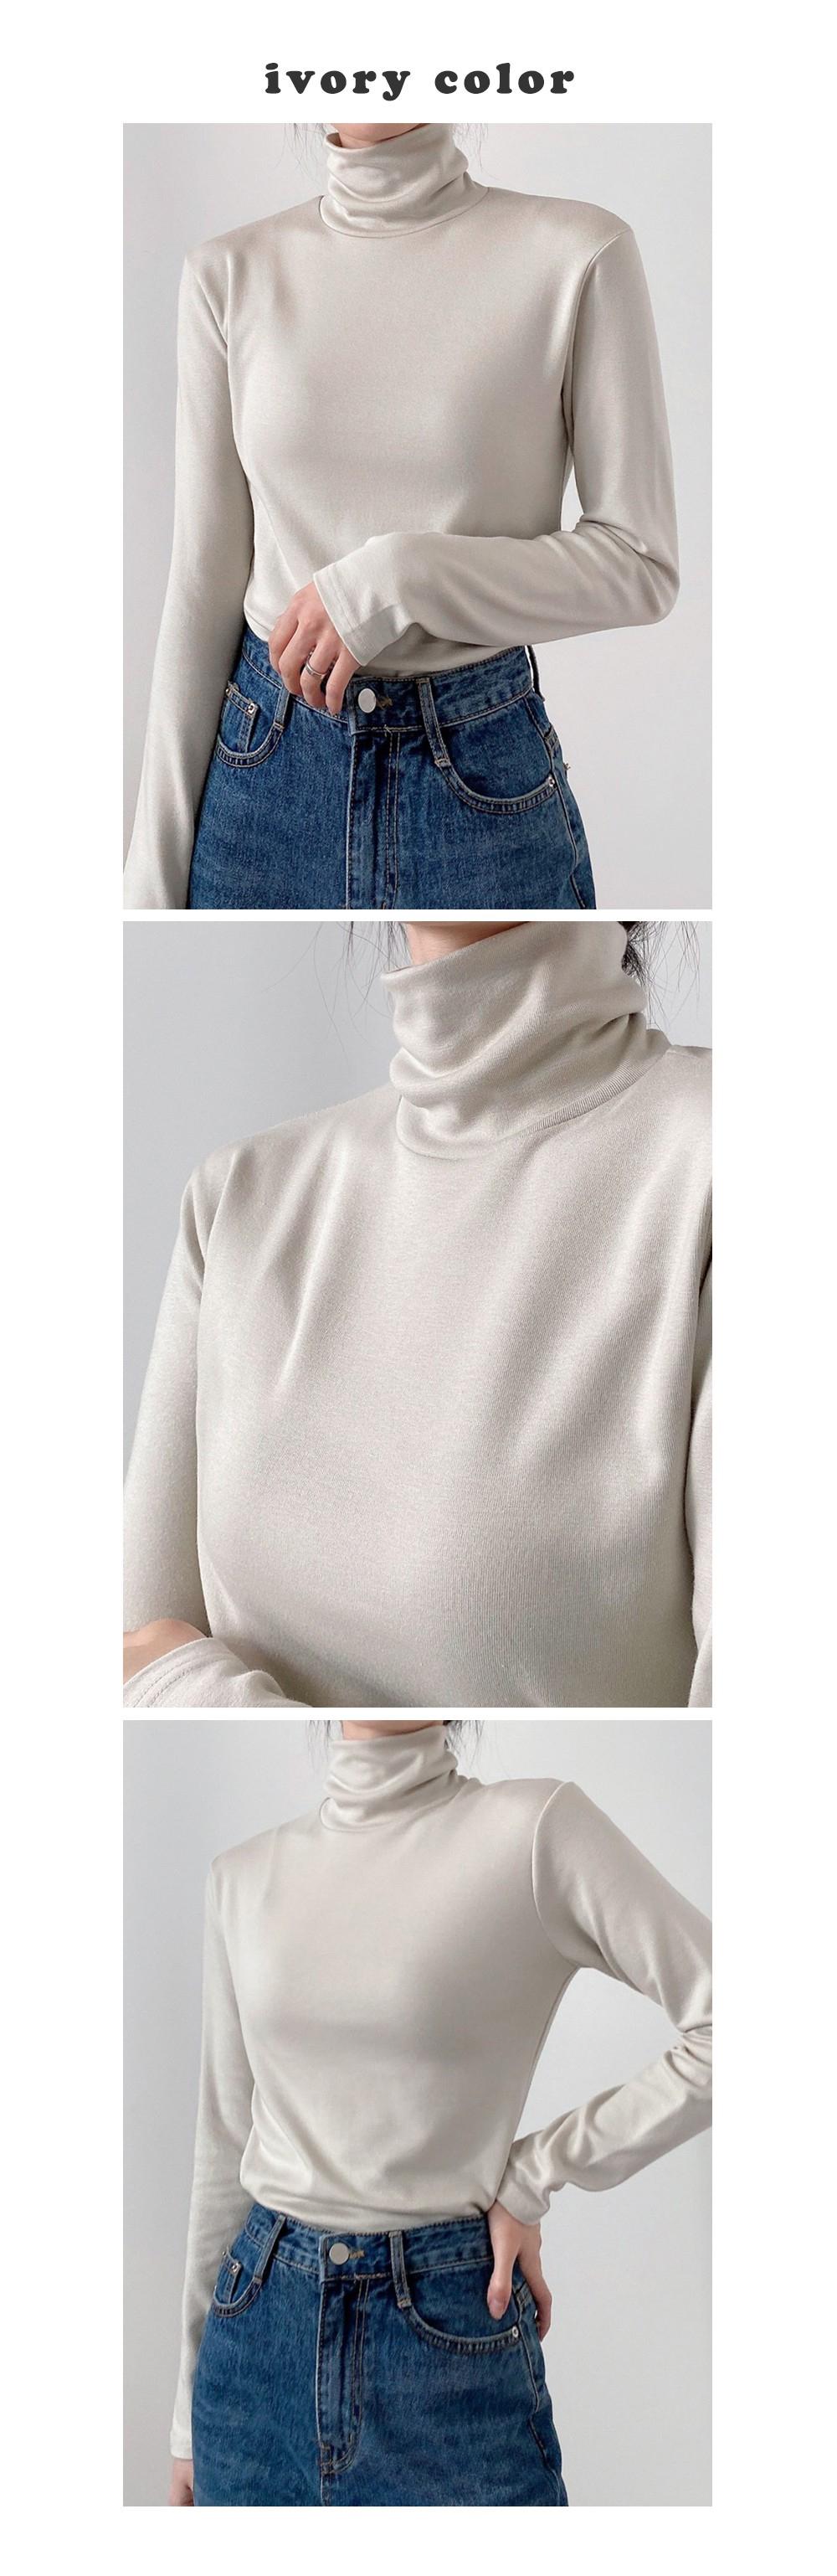 accessories white color image-S1L43